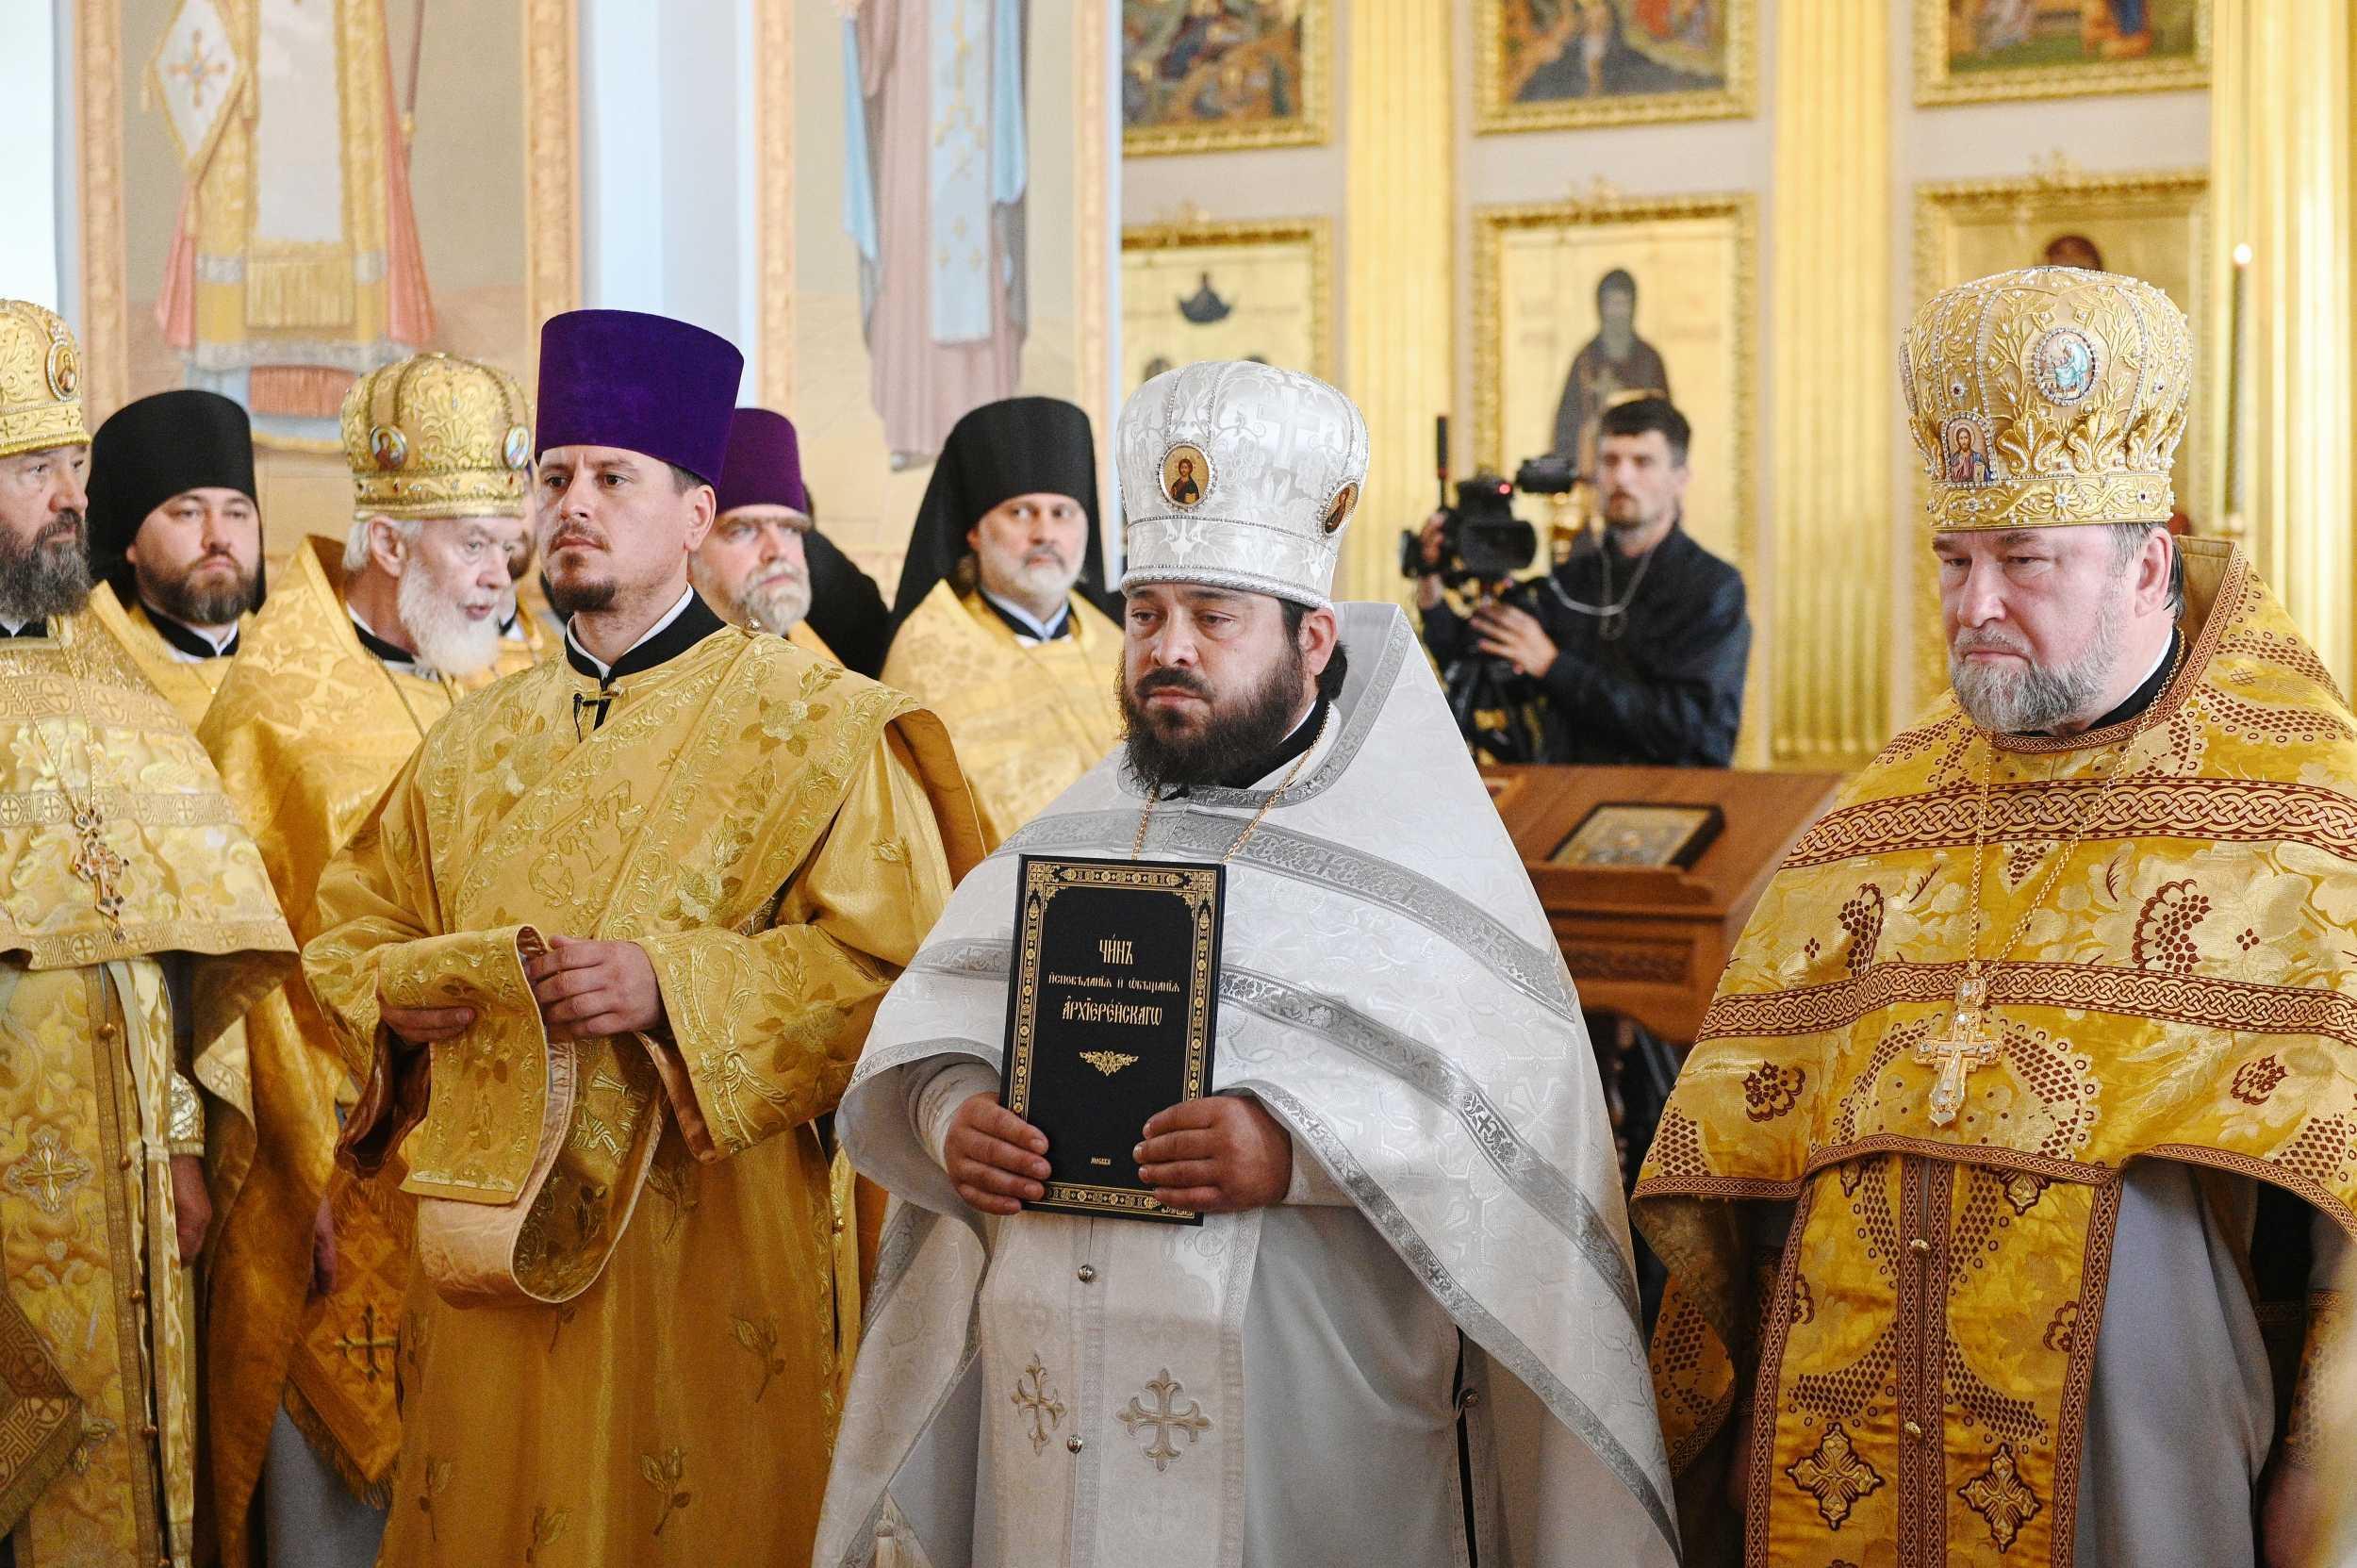 Архимандрит, которому поручено курировать паству Нижнекамска, посвящен в епископы